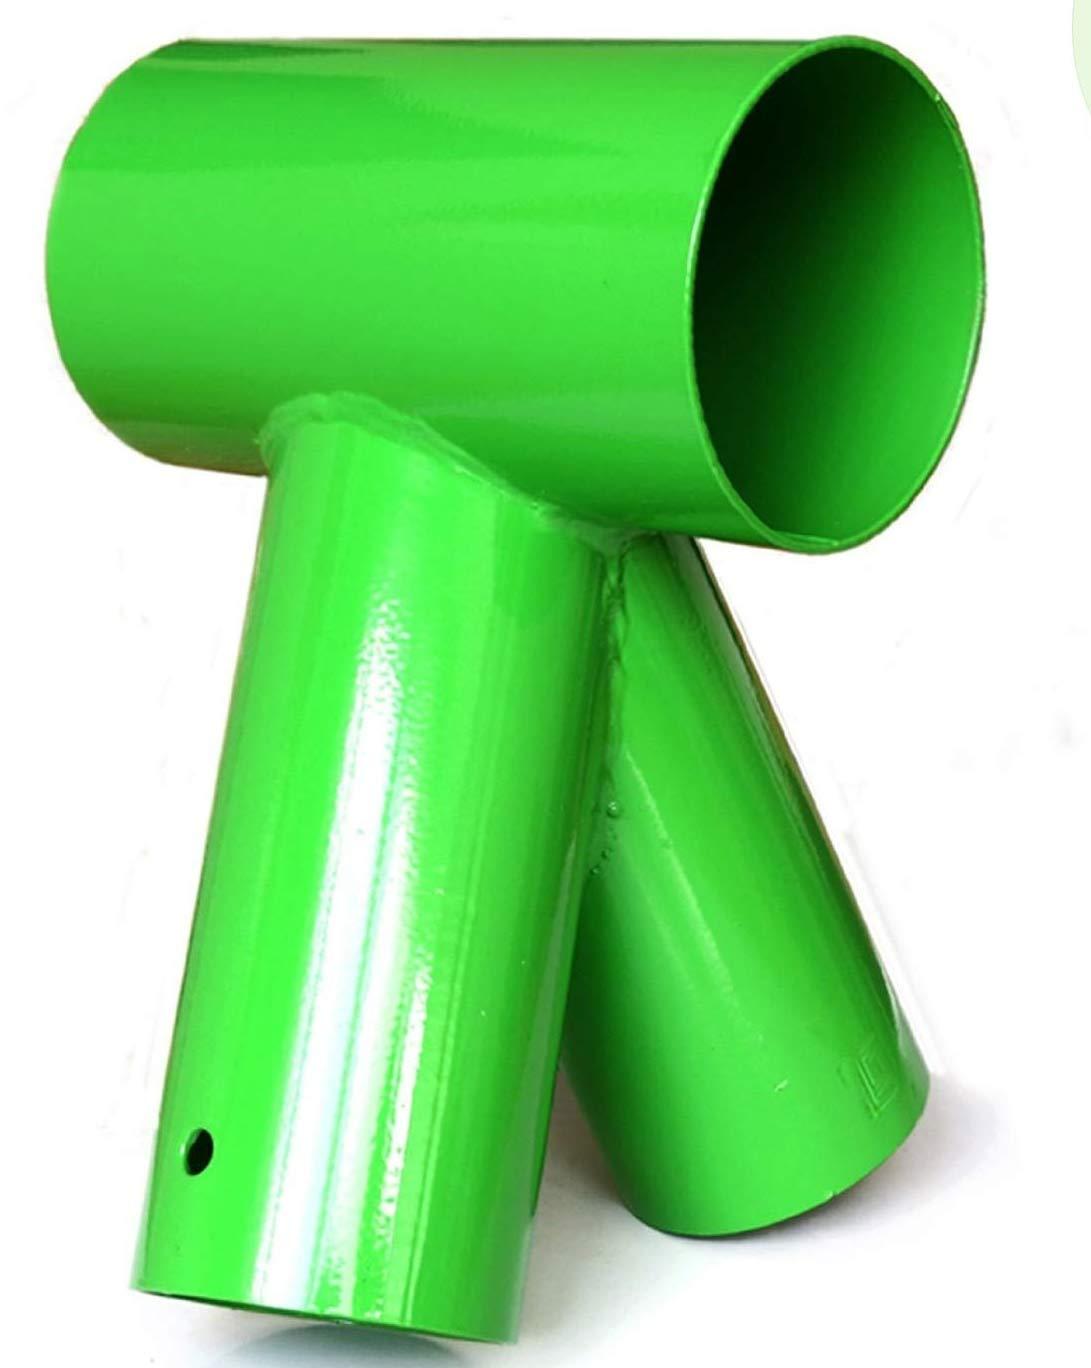 Raccord / Connecteur balançoire poutre en bois rond, coloris vert 100 / 80 mm de Gartenpirat GP1287